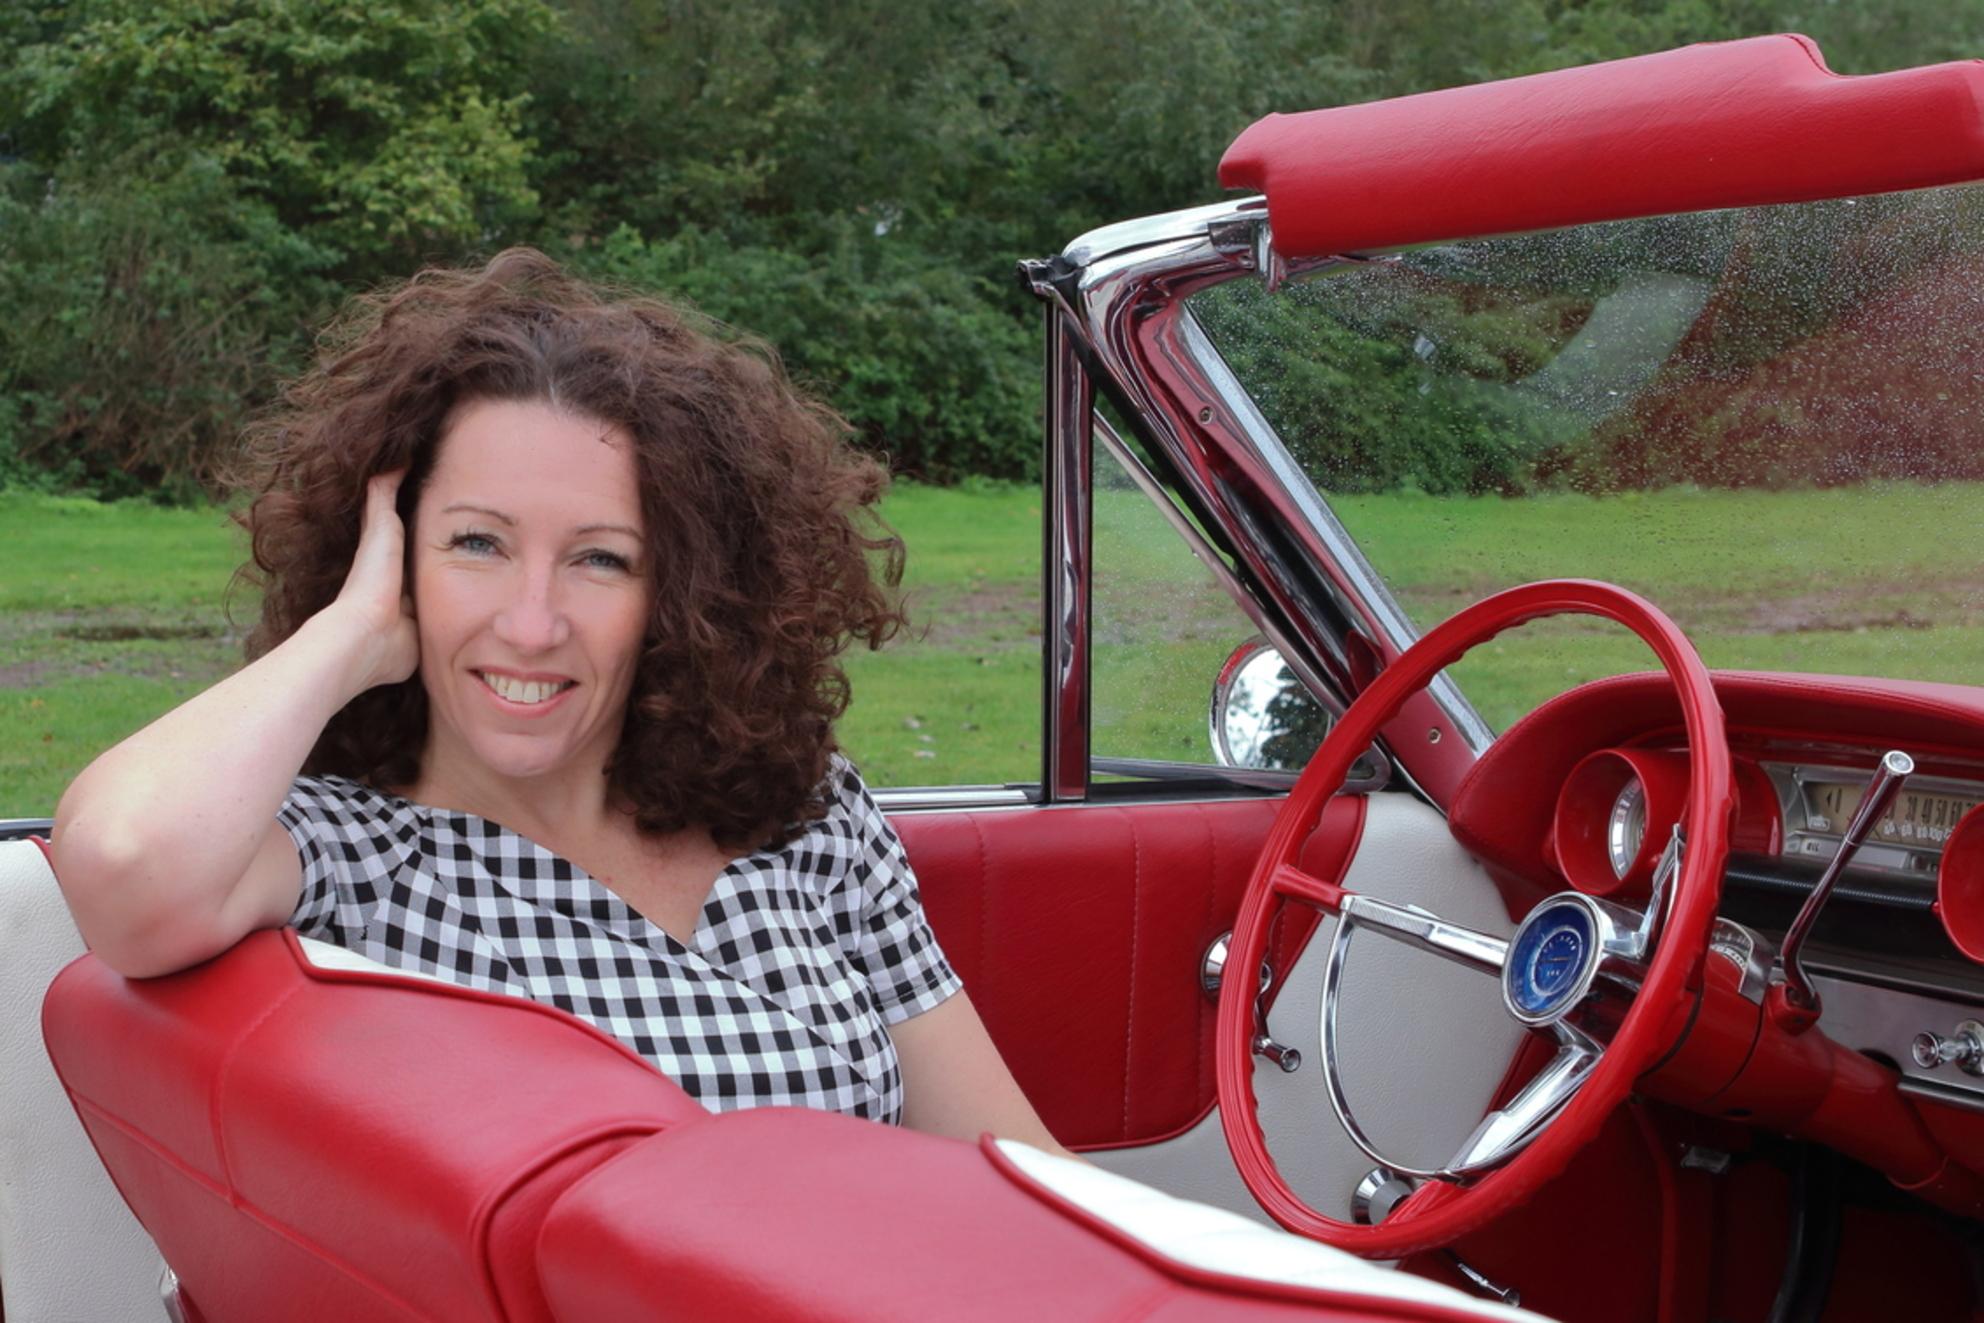 Peggy Baartmans - Tussen de buien door een modellen shoot in Breda. Model Peggy - foto door mariskavandam op 08-10-2020 - deze foto bevat: mensen, zoom, model, canon, oldtimer, modellen, shoot